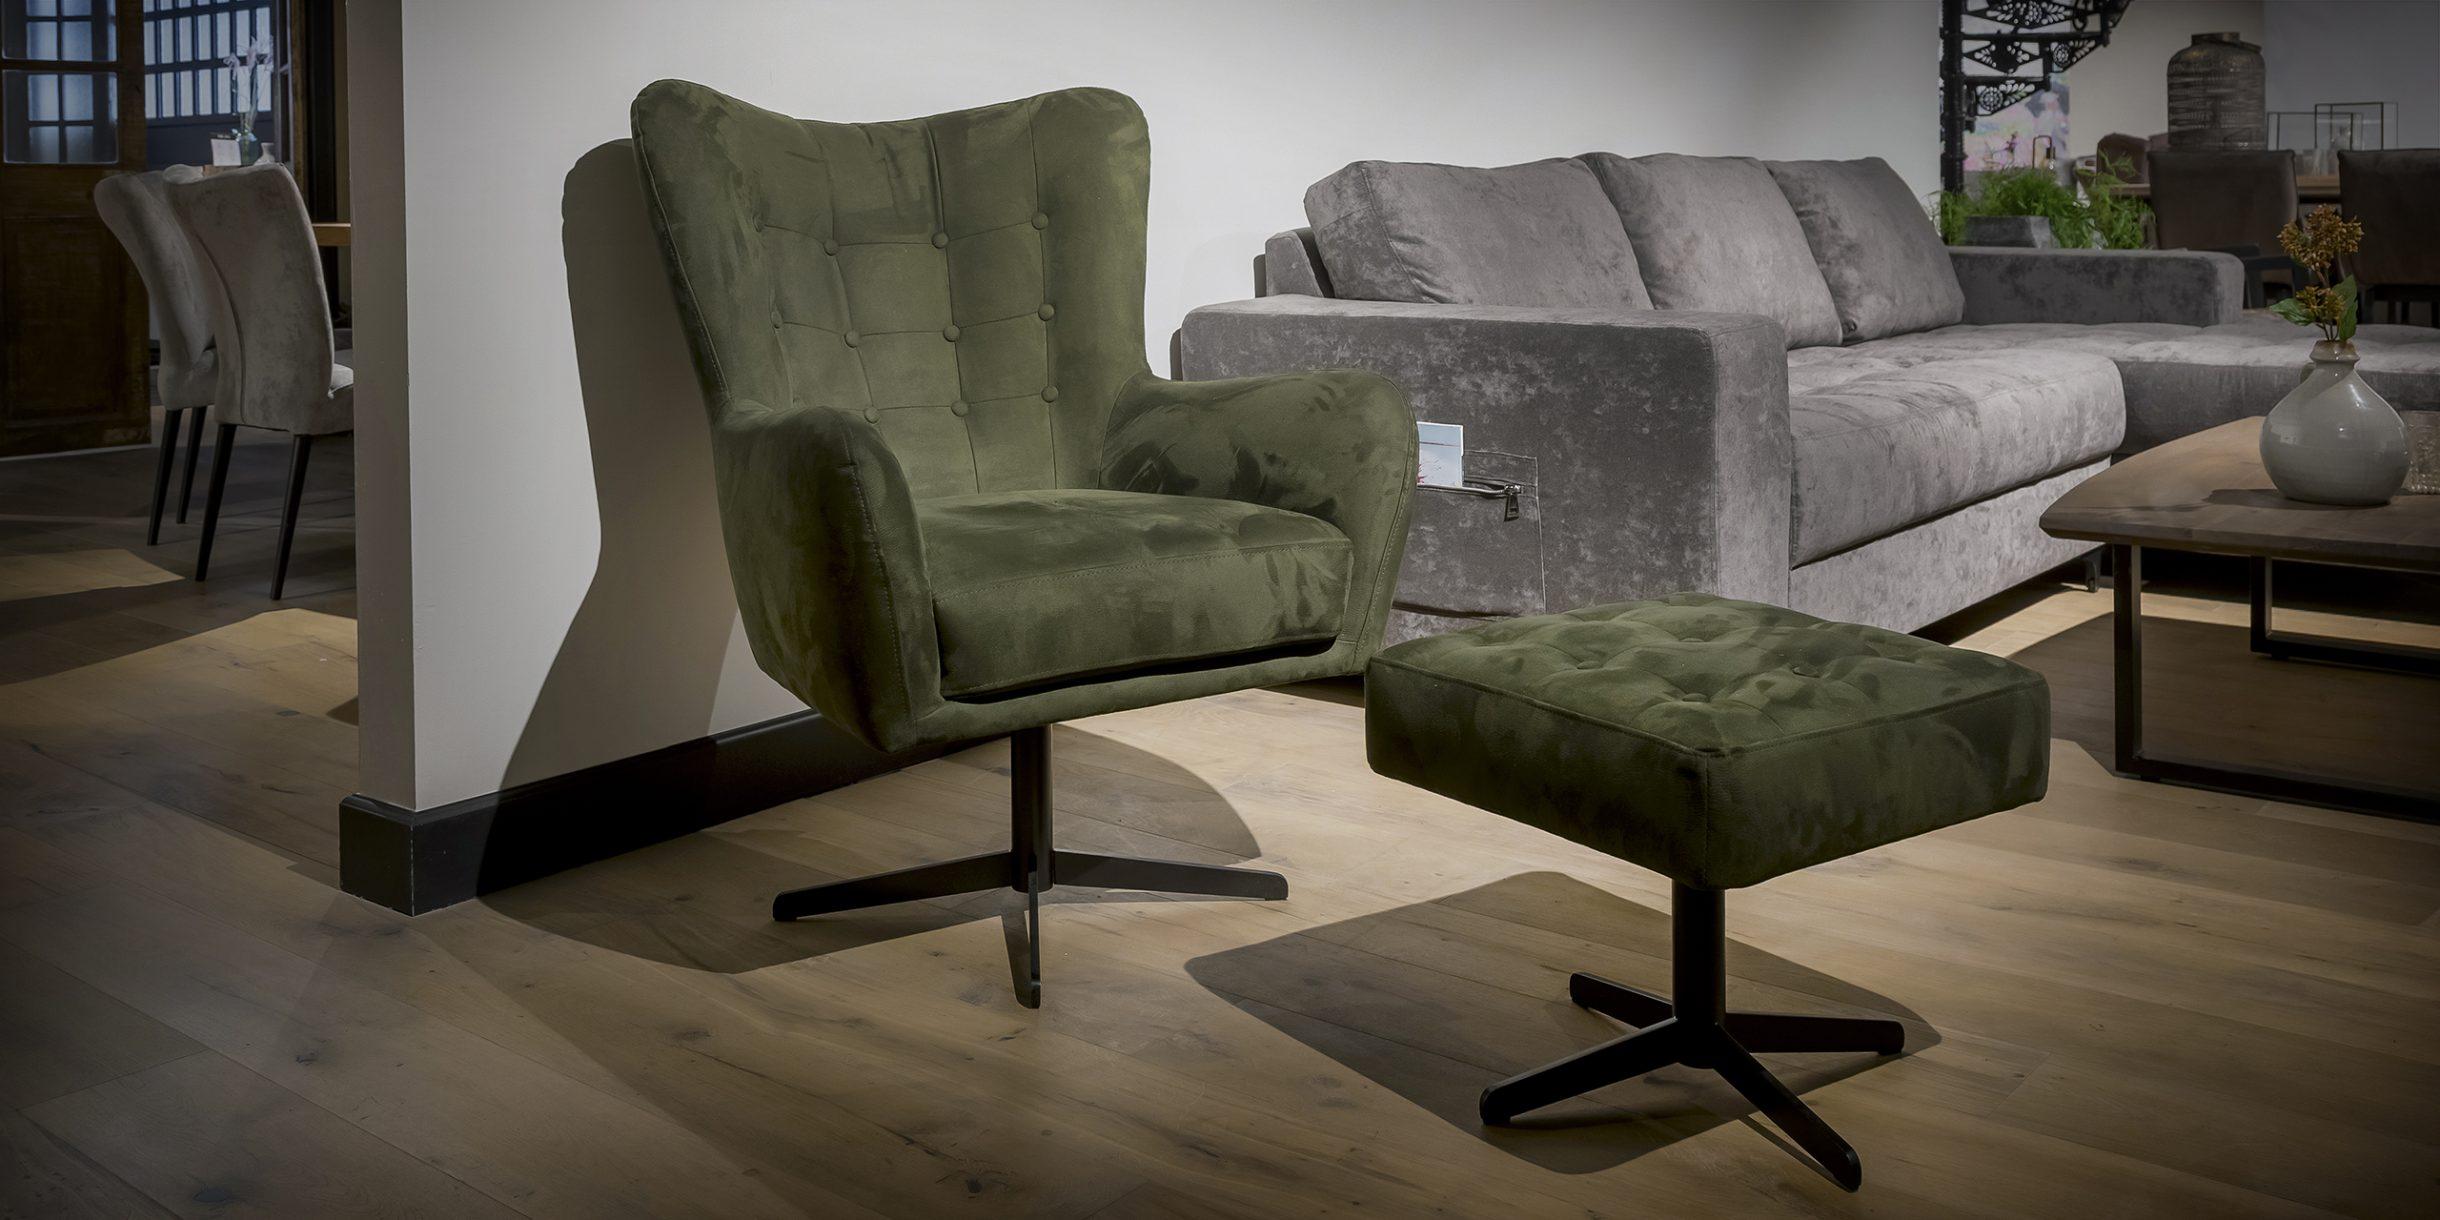 UrbanSofa Flynn fauteuil met hocker HR